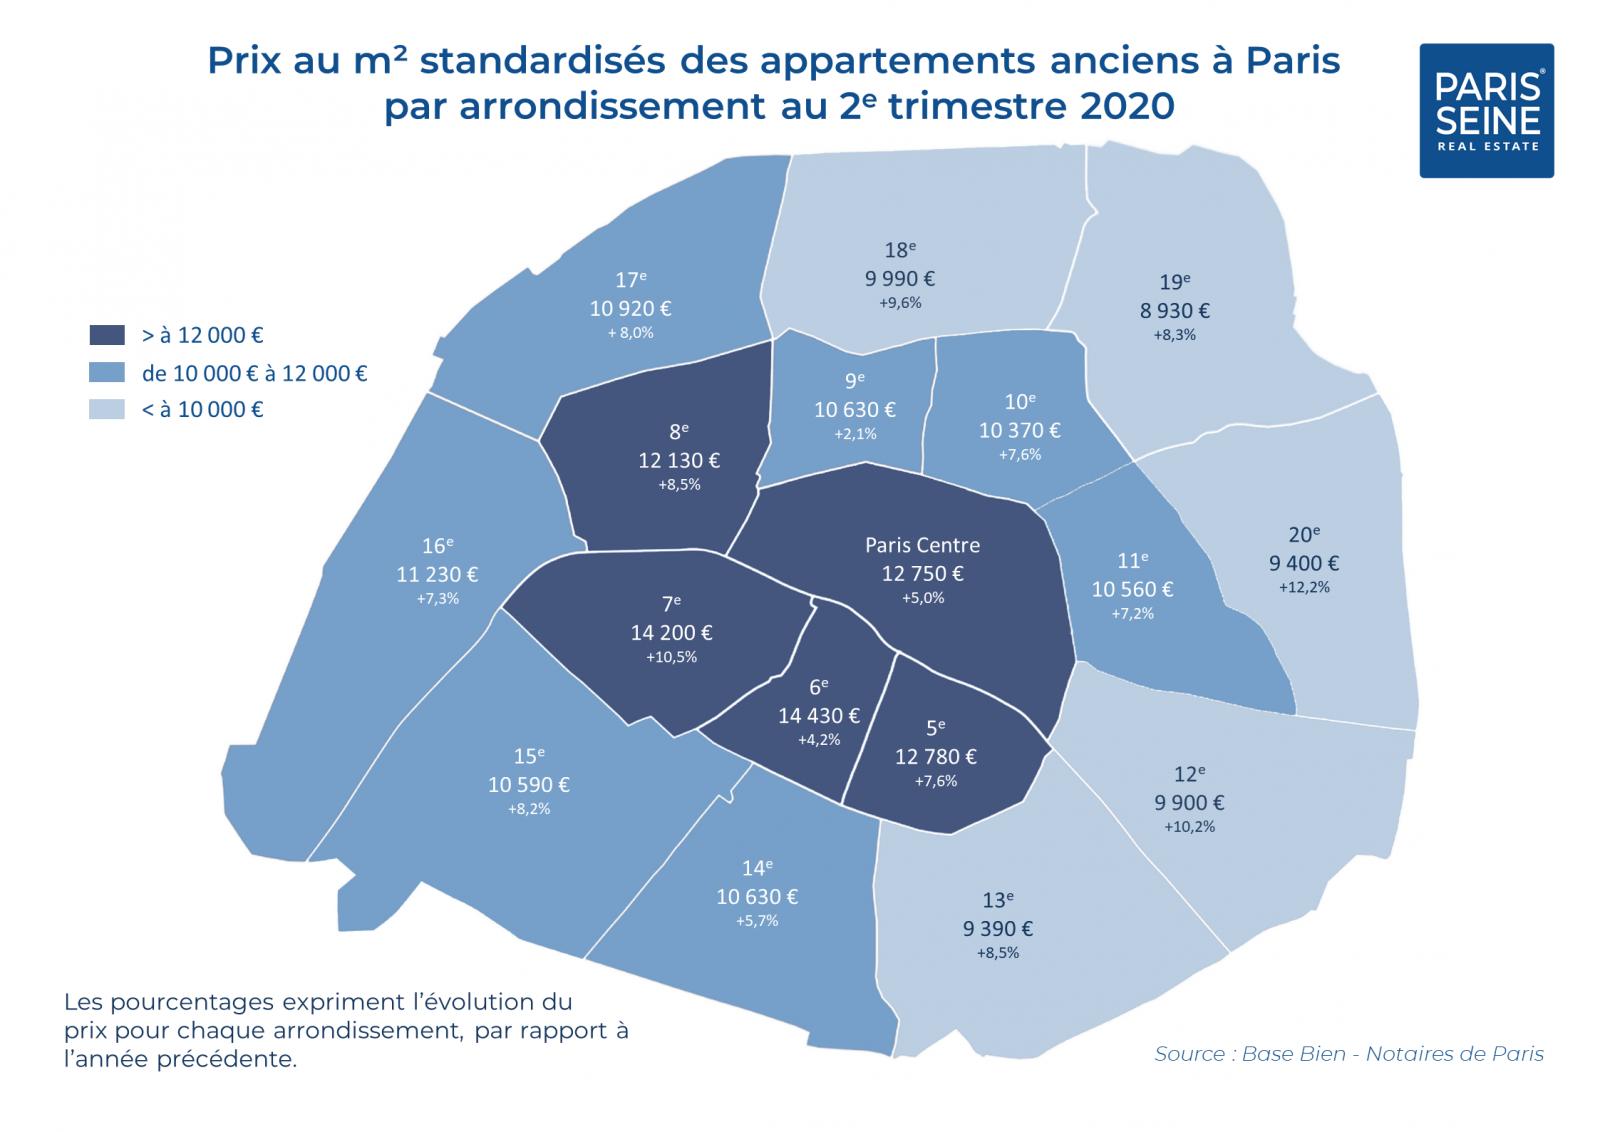 carte des prix au m² standardisés des appartements anciens à paris par arrondissement au 2e trimestre 2020